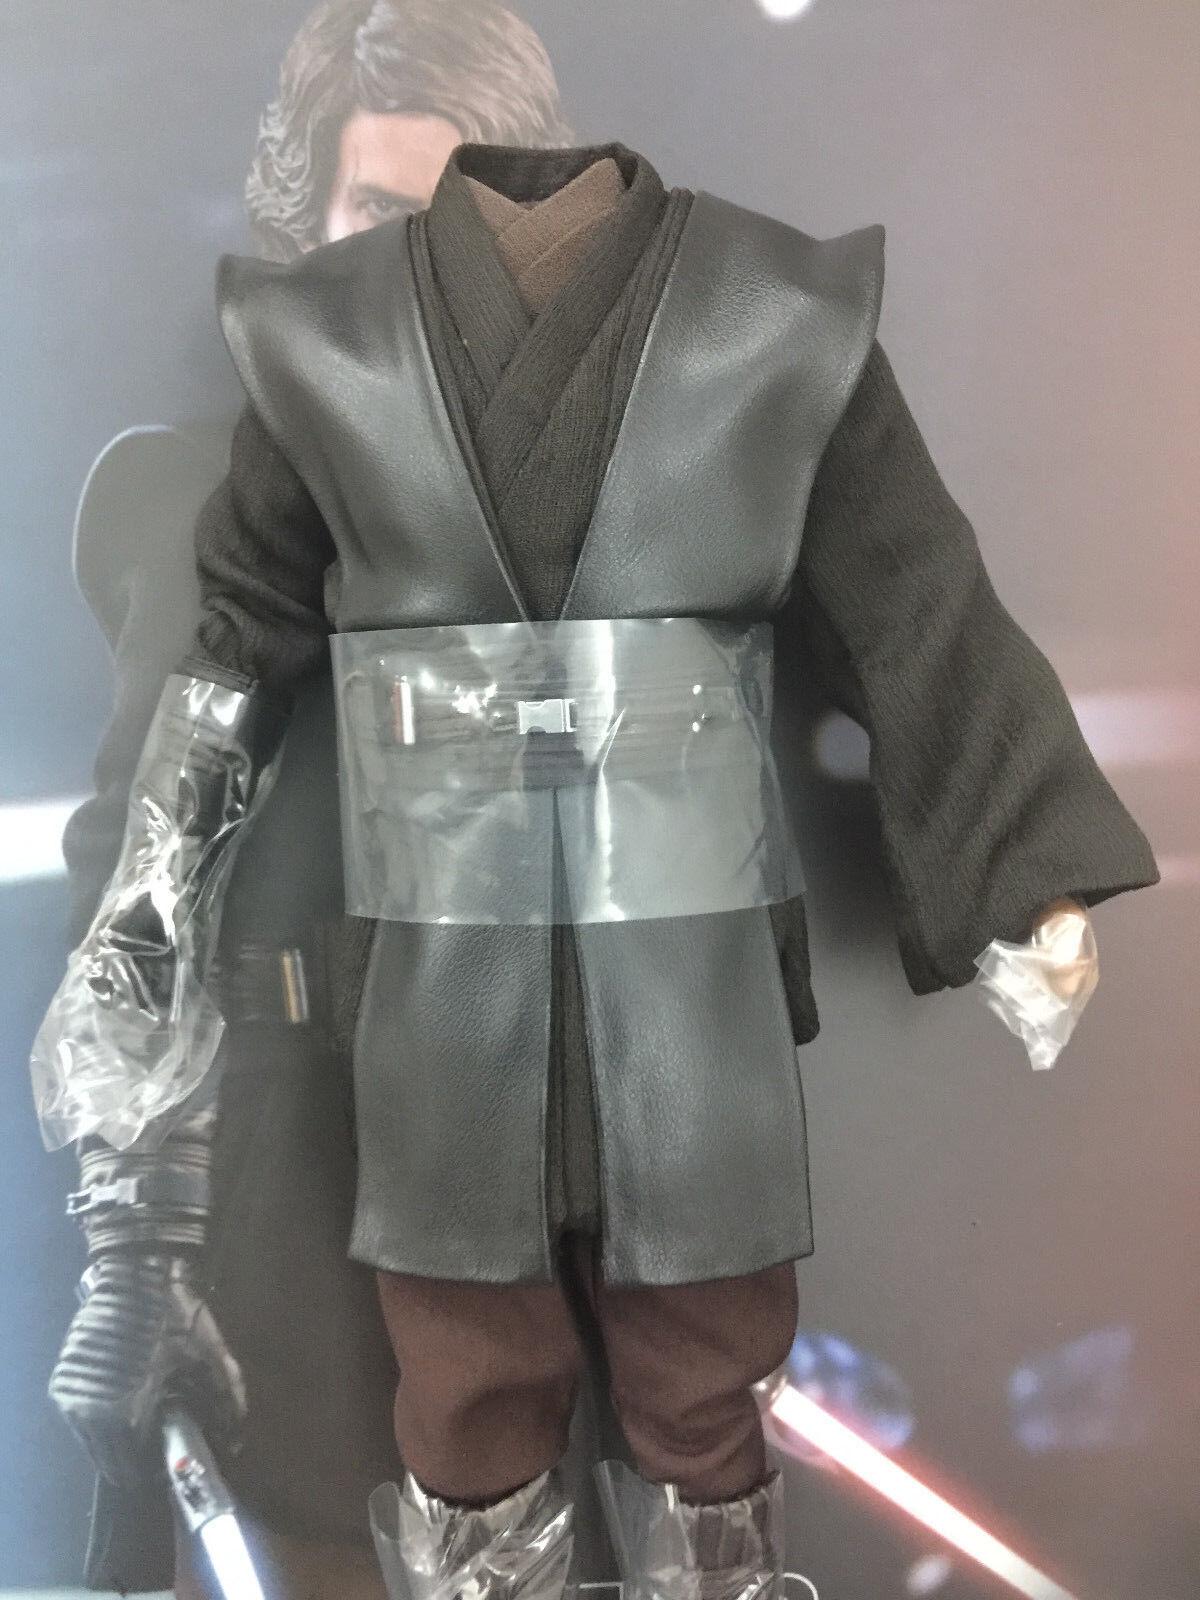 Calientegiocattoli estrella guerras Revenge Of The  Sith Anakin cielowalker MMS437 - Jedi capi di abgreeliamento s  moda classica